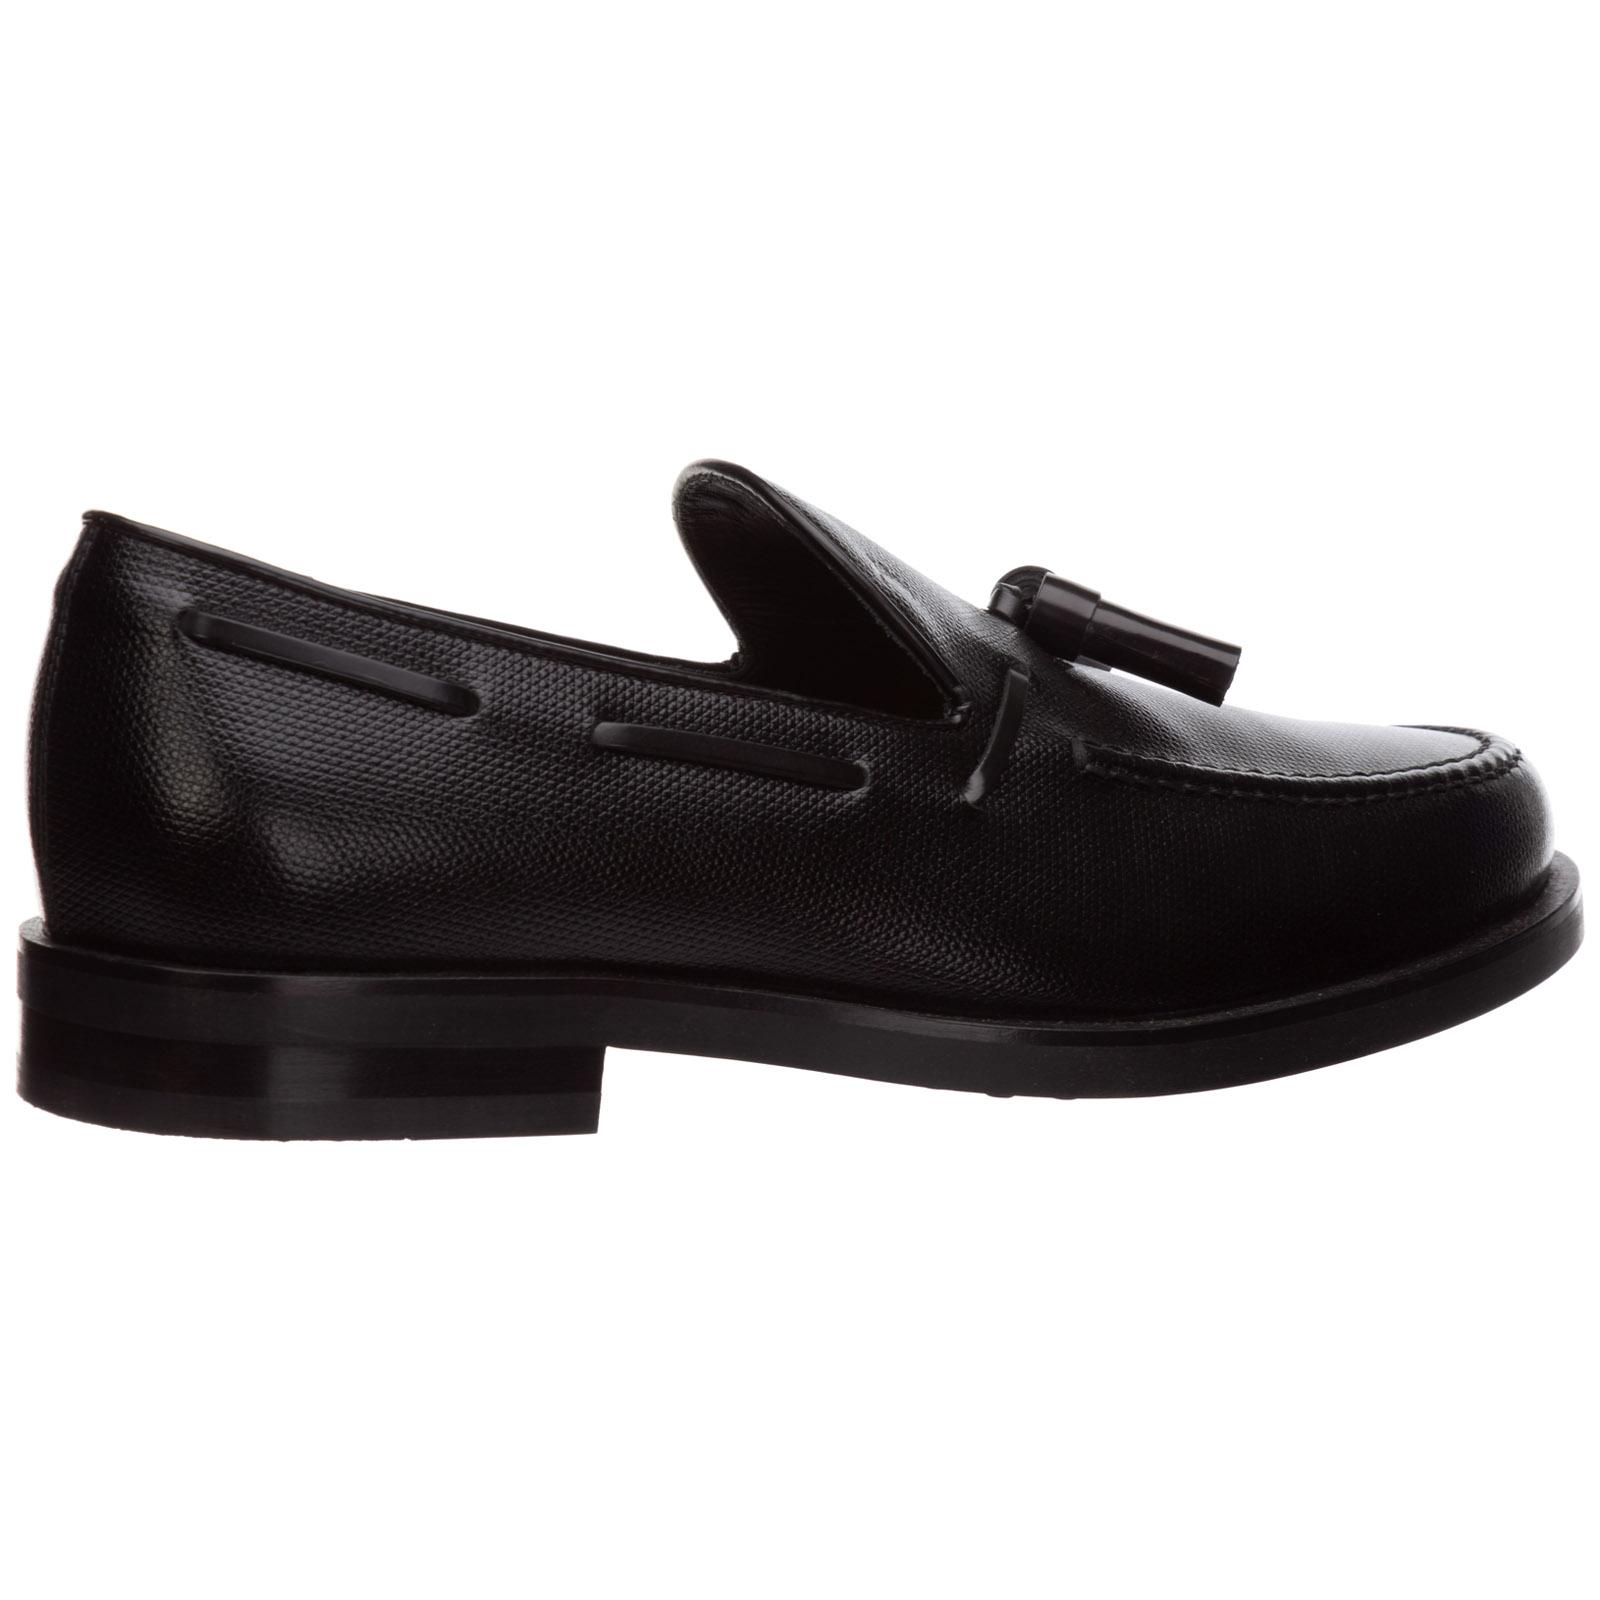 Herren leder mokassins slipper  pantofola nappina formale